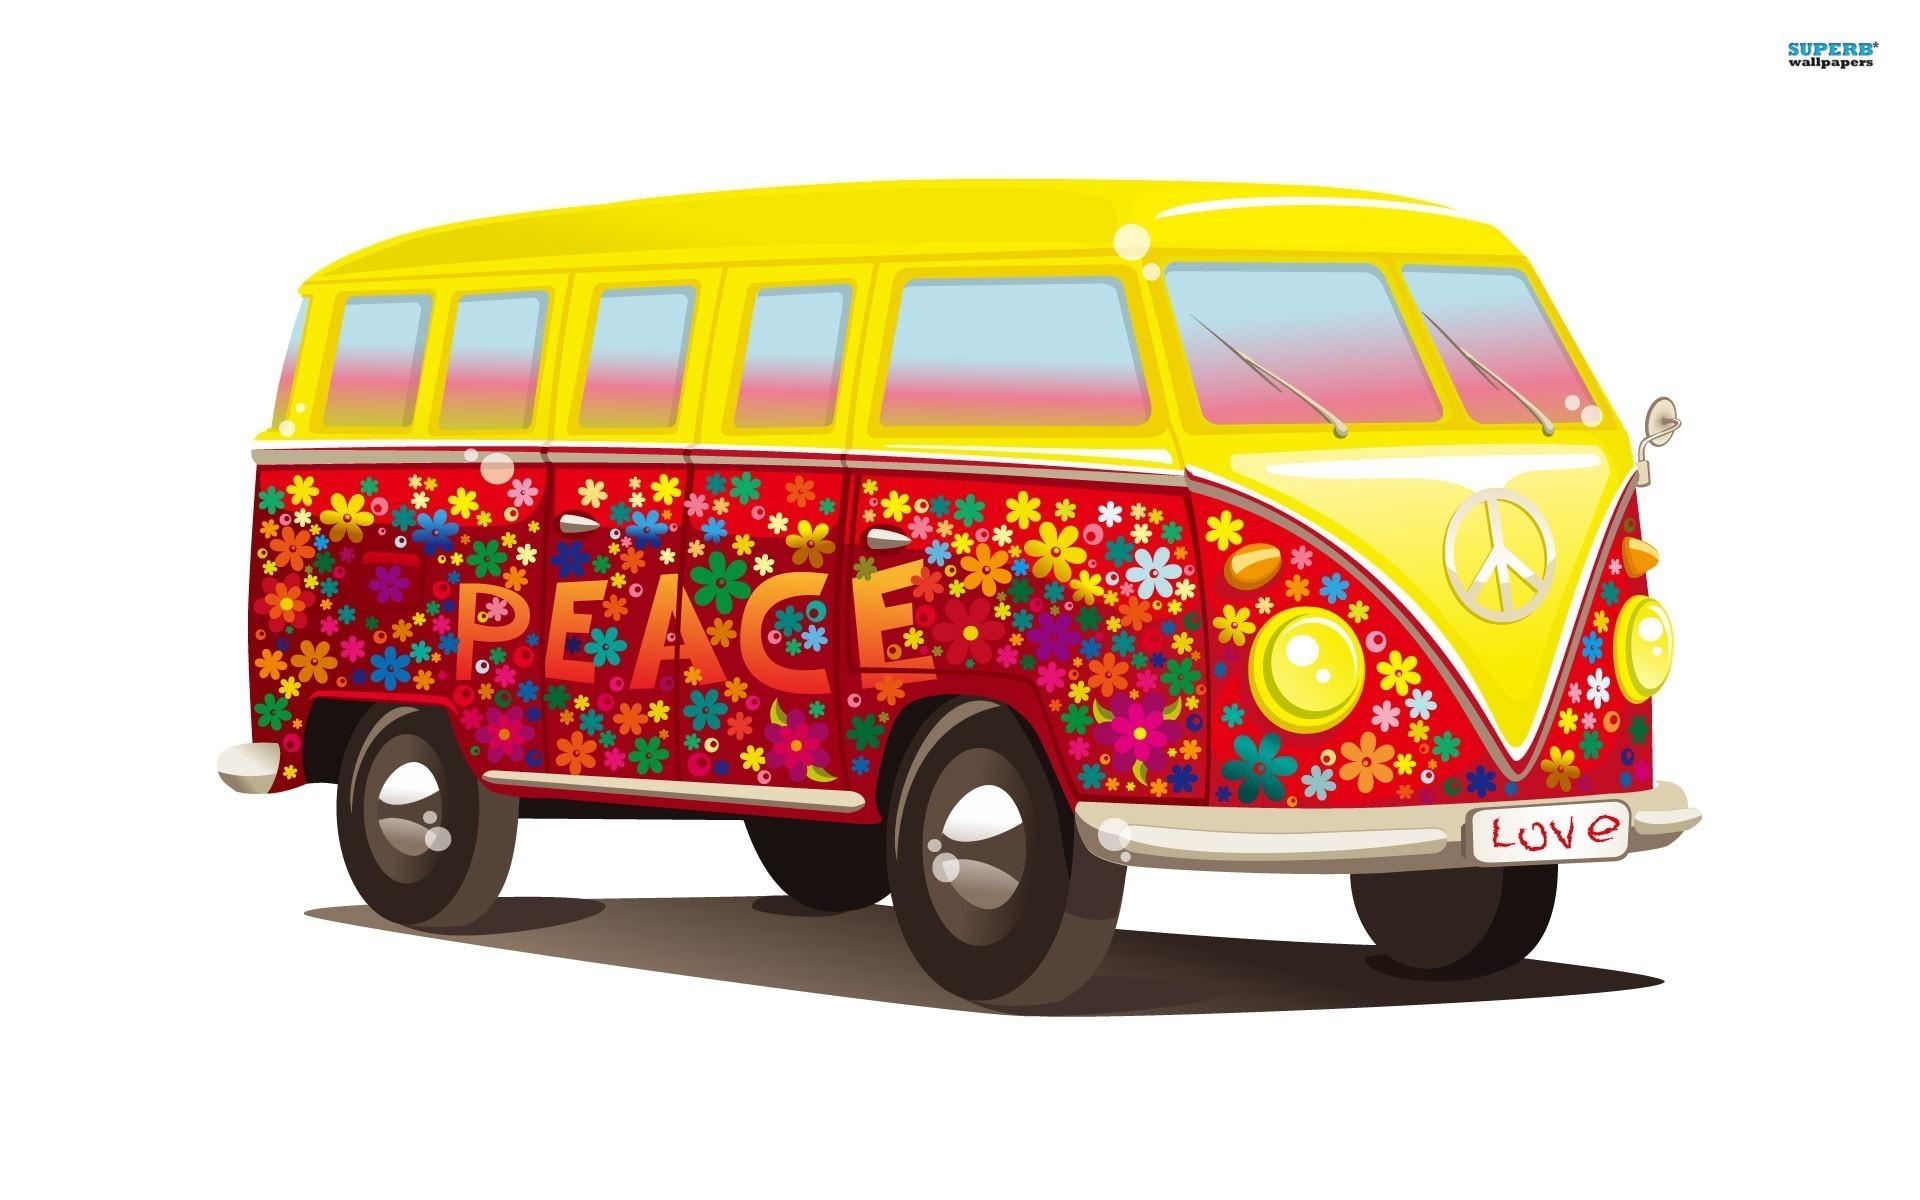 Vw Camper Van >> Vw Bus Wallpaper - WallpaperSafari